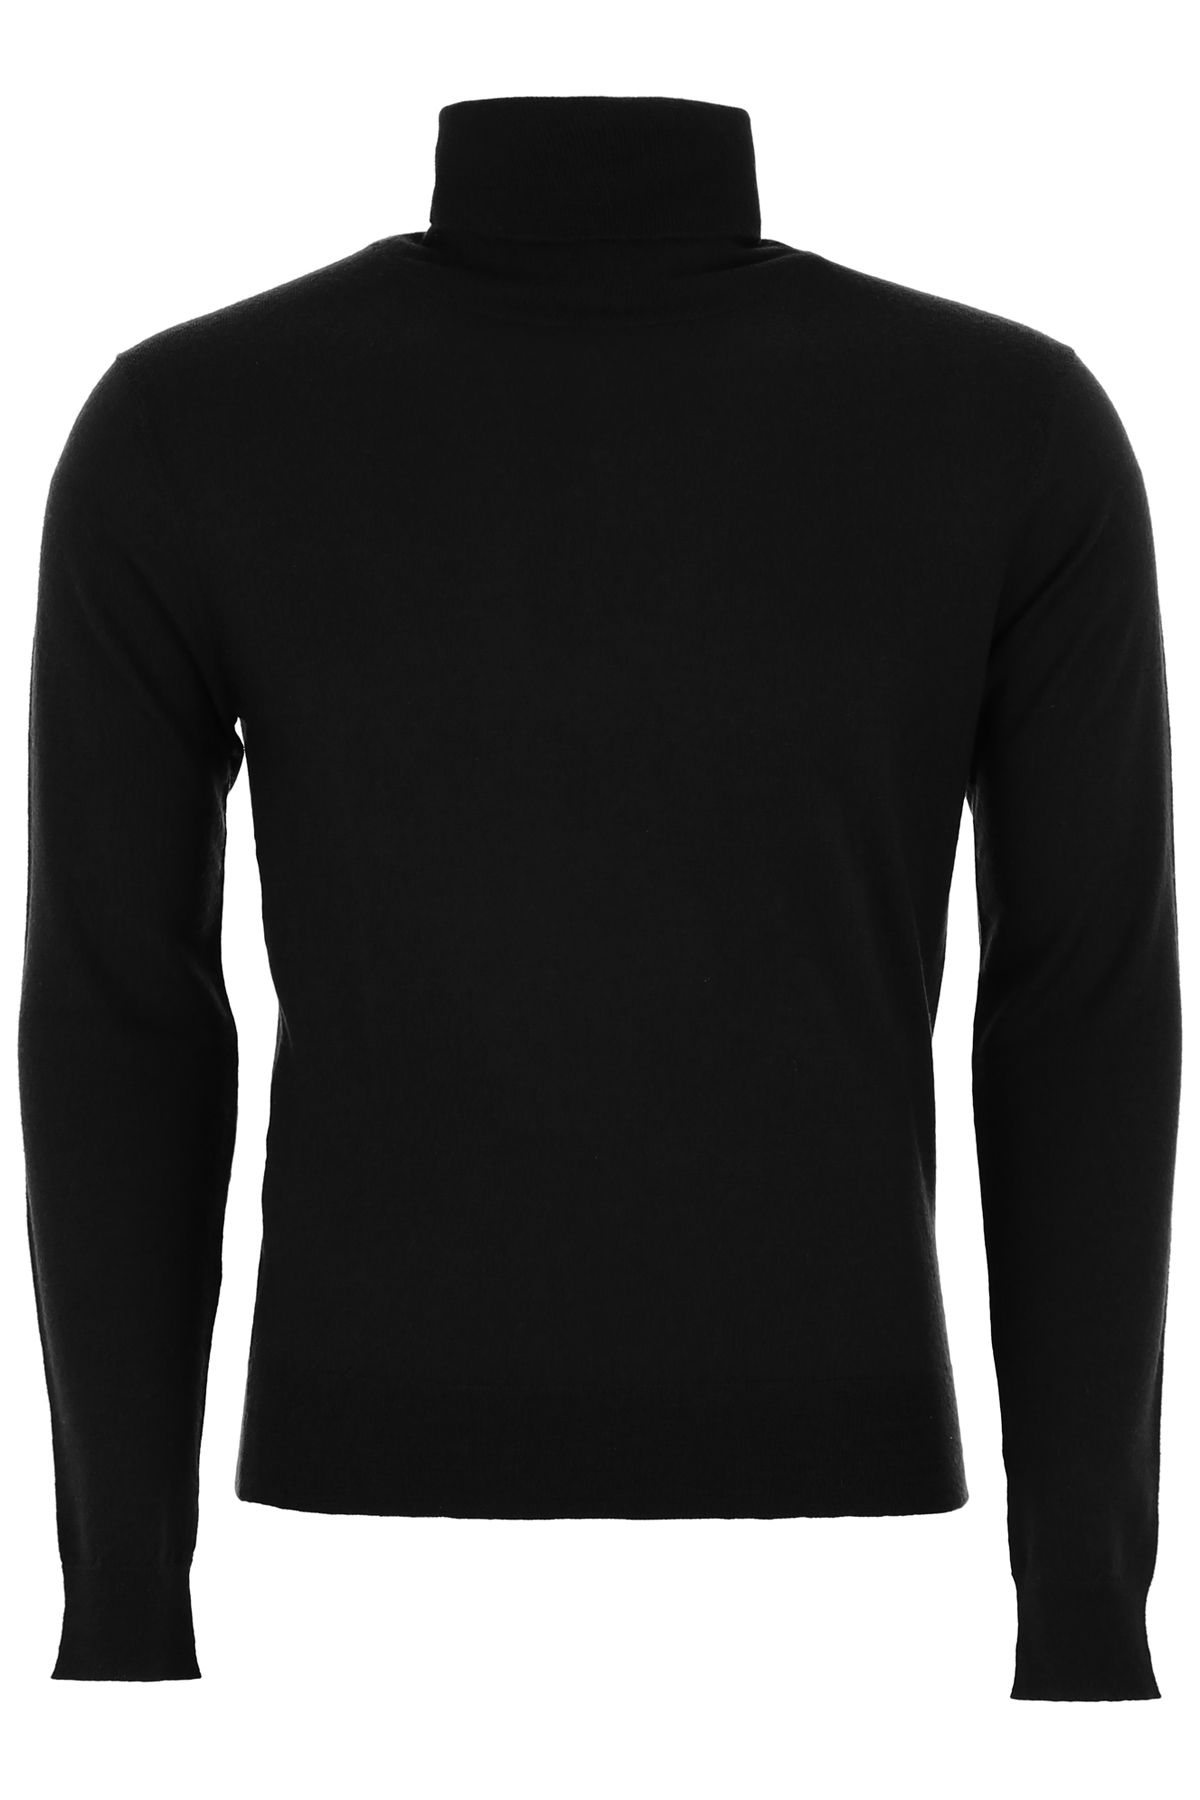 CC COLLECTION CORNELIANI Cashmere Pullover in Black